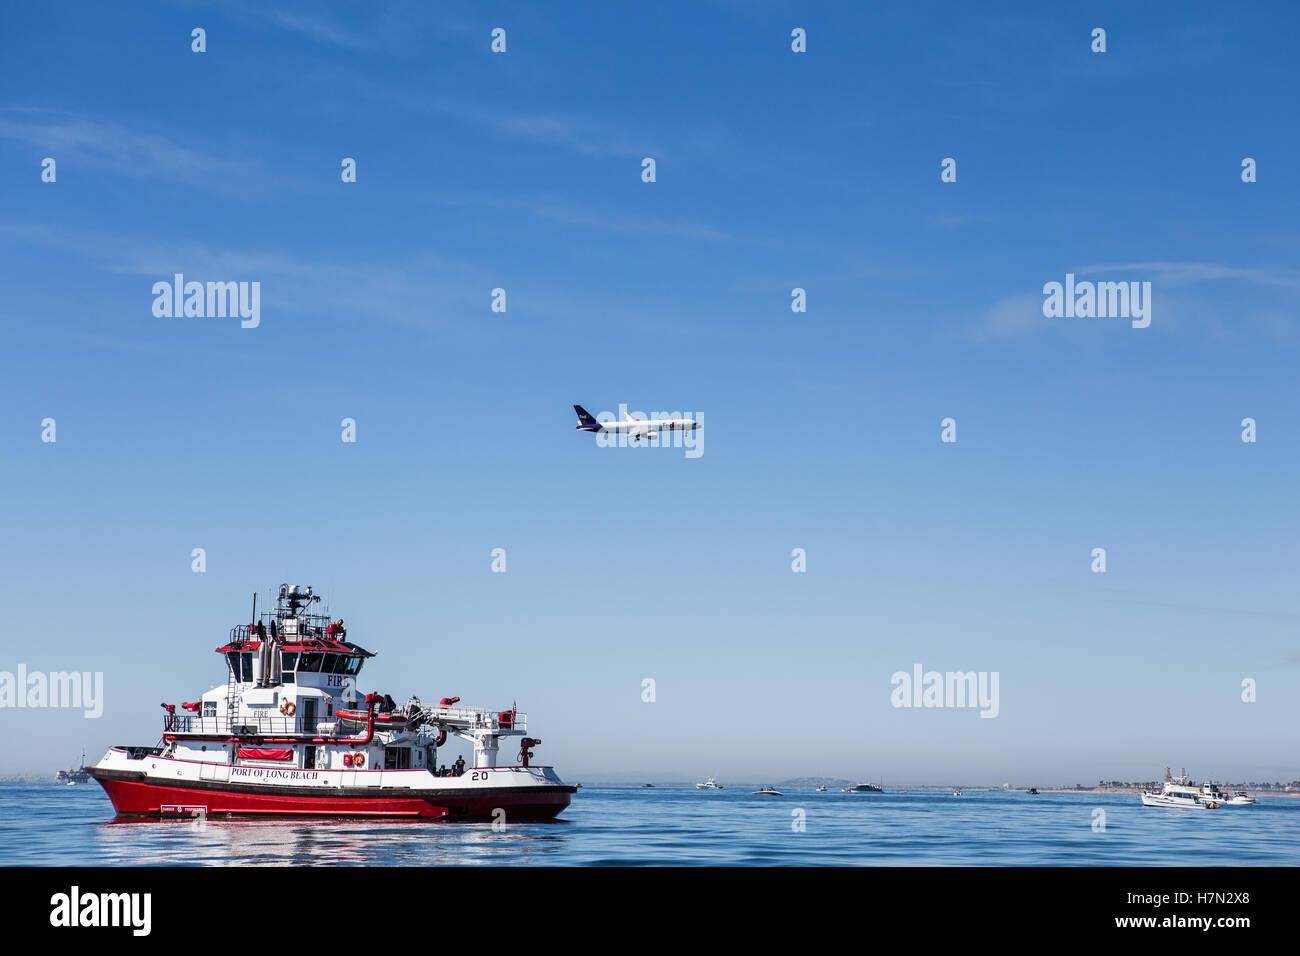 Long Beach Feuerwehr Boot Beschützer In Den Vordergrund Und Fedex